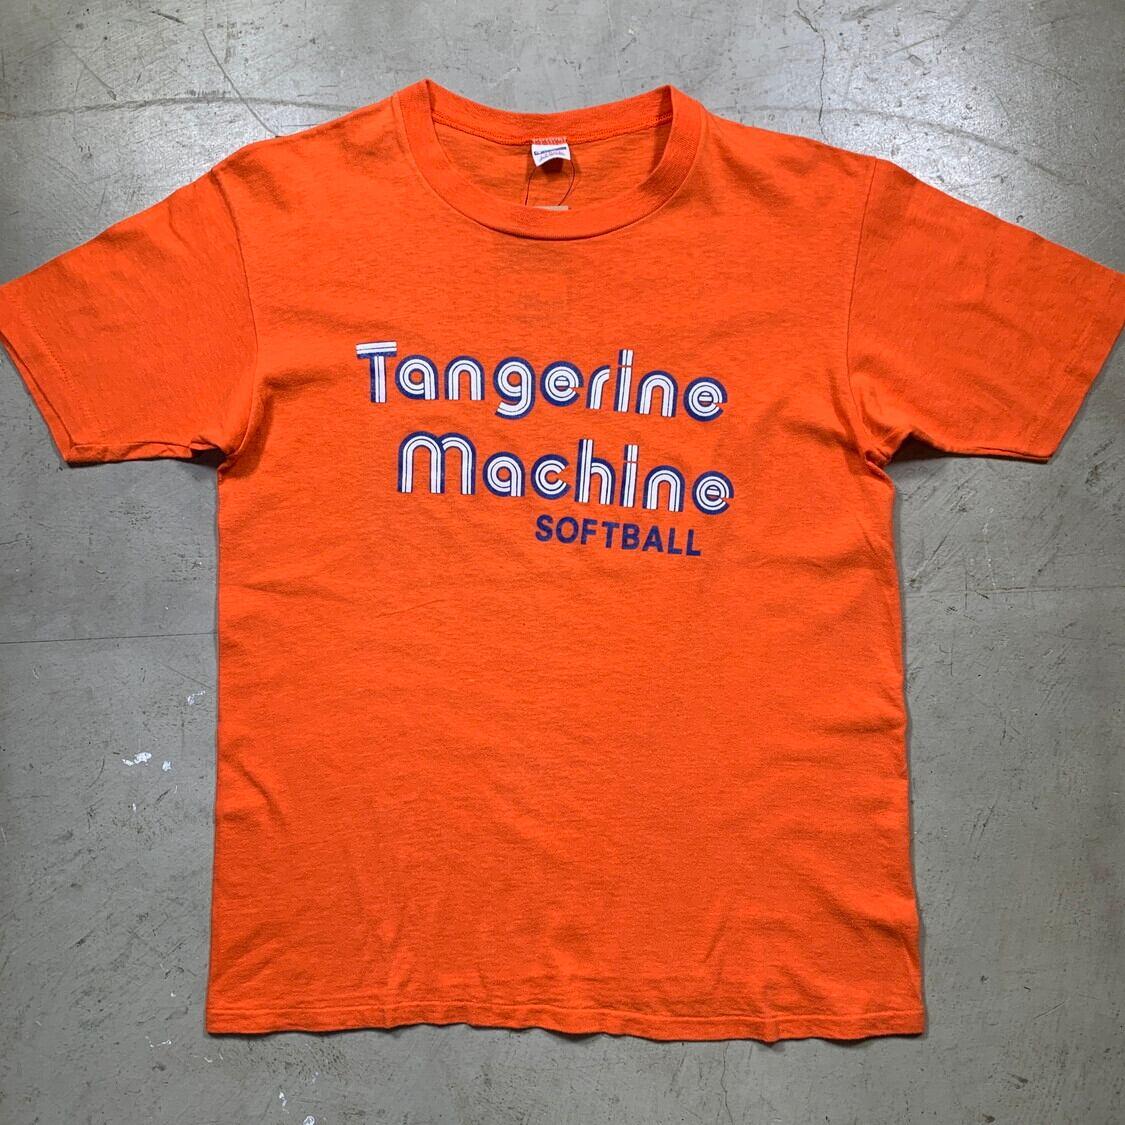 70's 80's Champion チャンピオン プリントTシャツ Tangerine Machine SOFT BALL  バータグ後期 オレンジ LARGE 希少 ヴィンテージ BA-1521 RM1940H